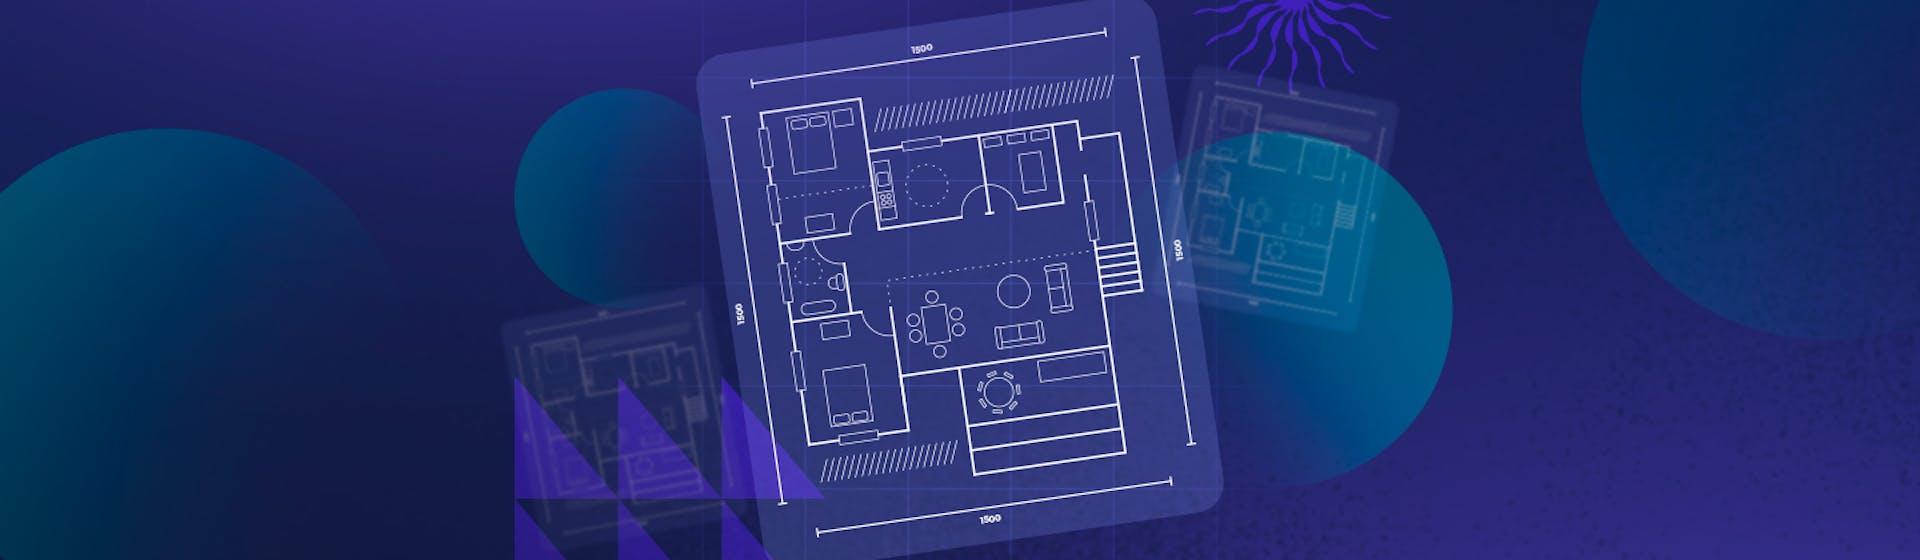 ¿Cómo hacer un plano de diseño de interiores en Sketchup? ¡Dale vida a tus ideas!